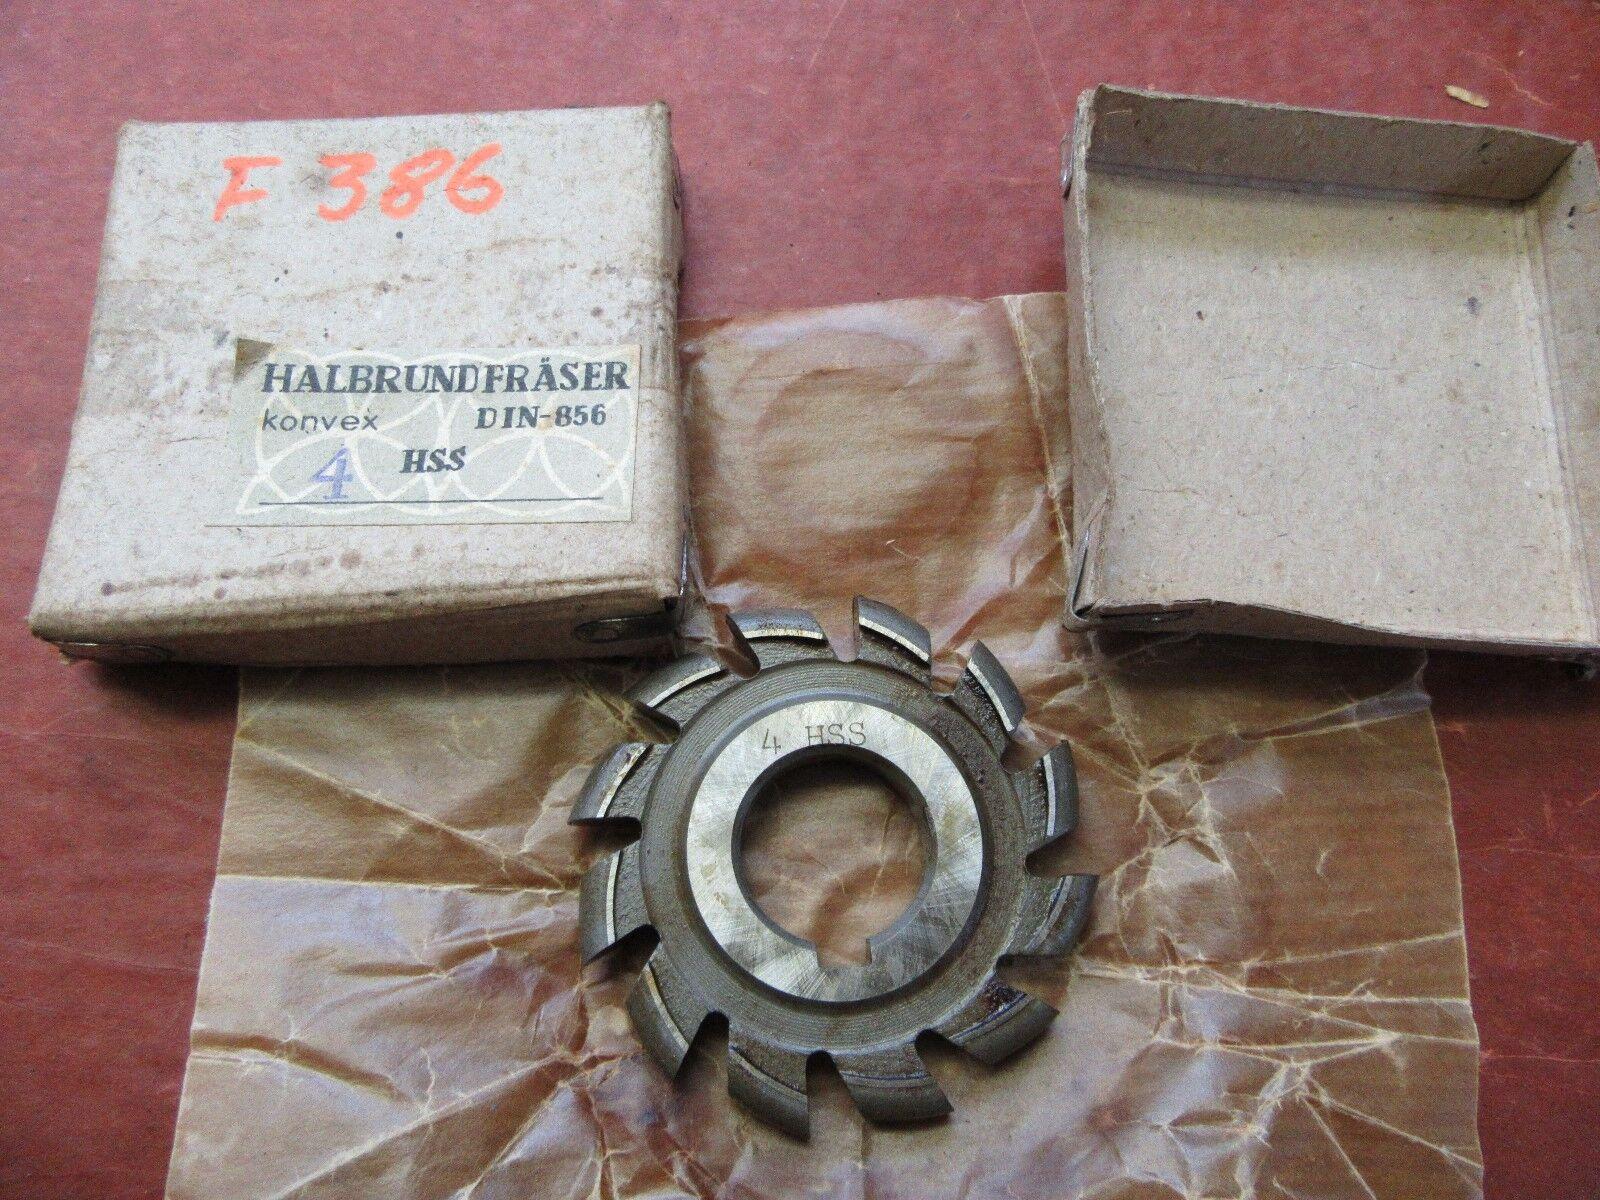 Halbkreisformfräser konvex  4HSS 63/8 Halbrundfräser Halbkreisfräser  #F386#